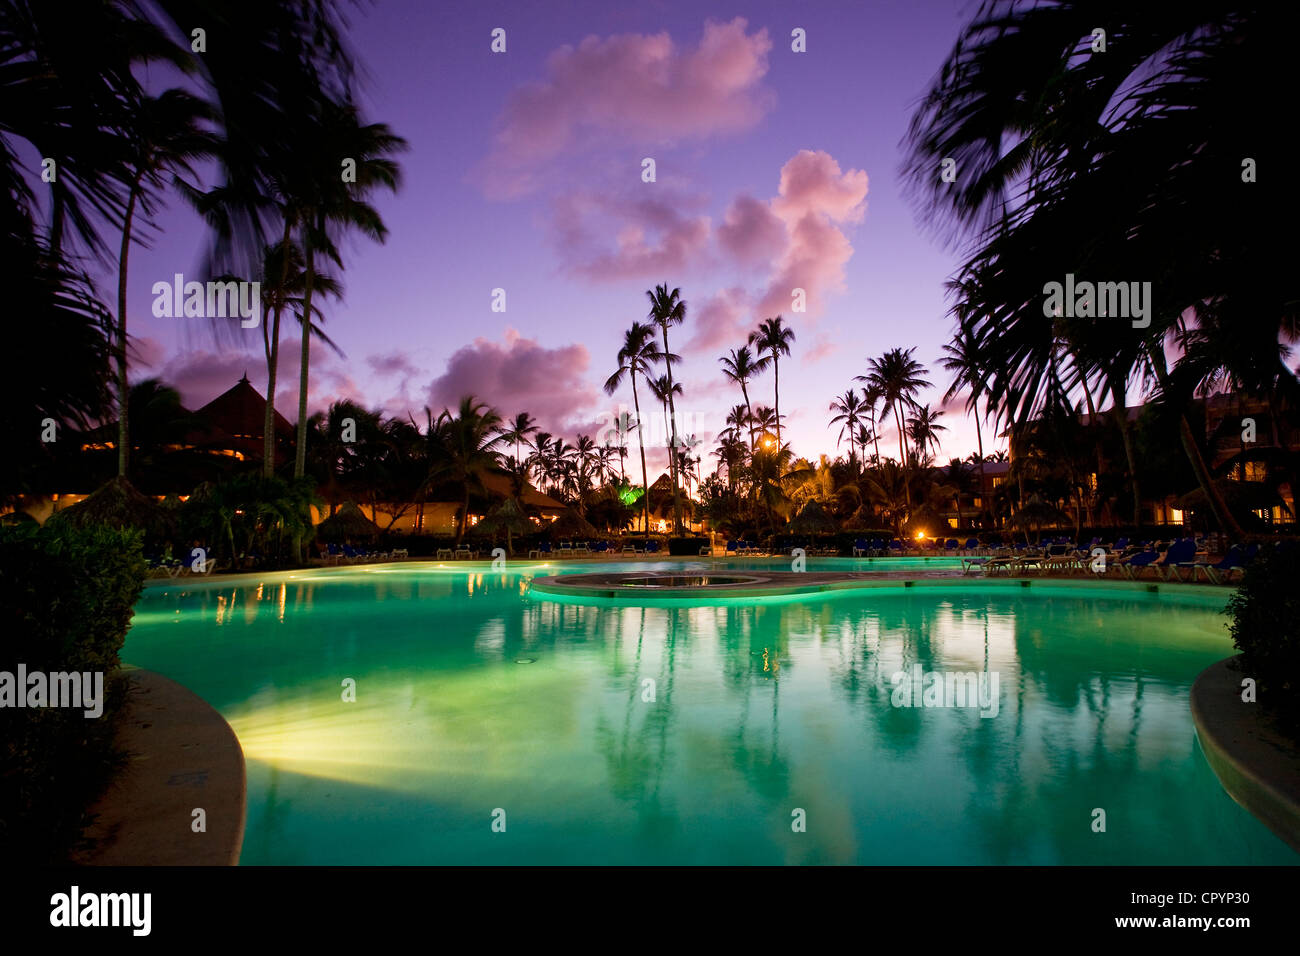 République dominicaine, Province de La Altagracia, Punta Cana, Playa Bavaro, Arena Blanca Hotel Banque D'Images